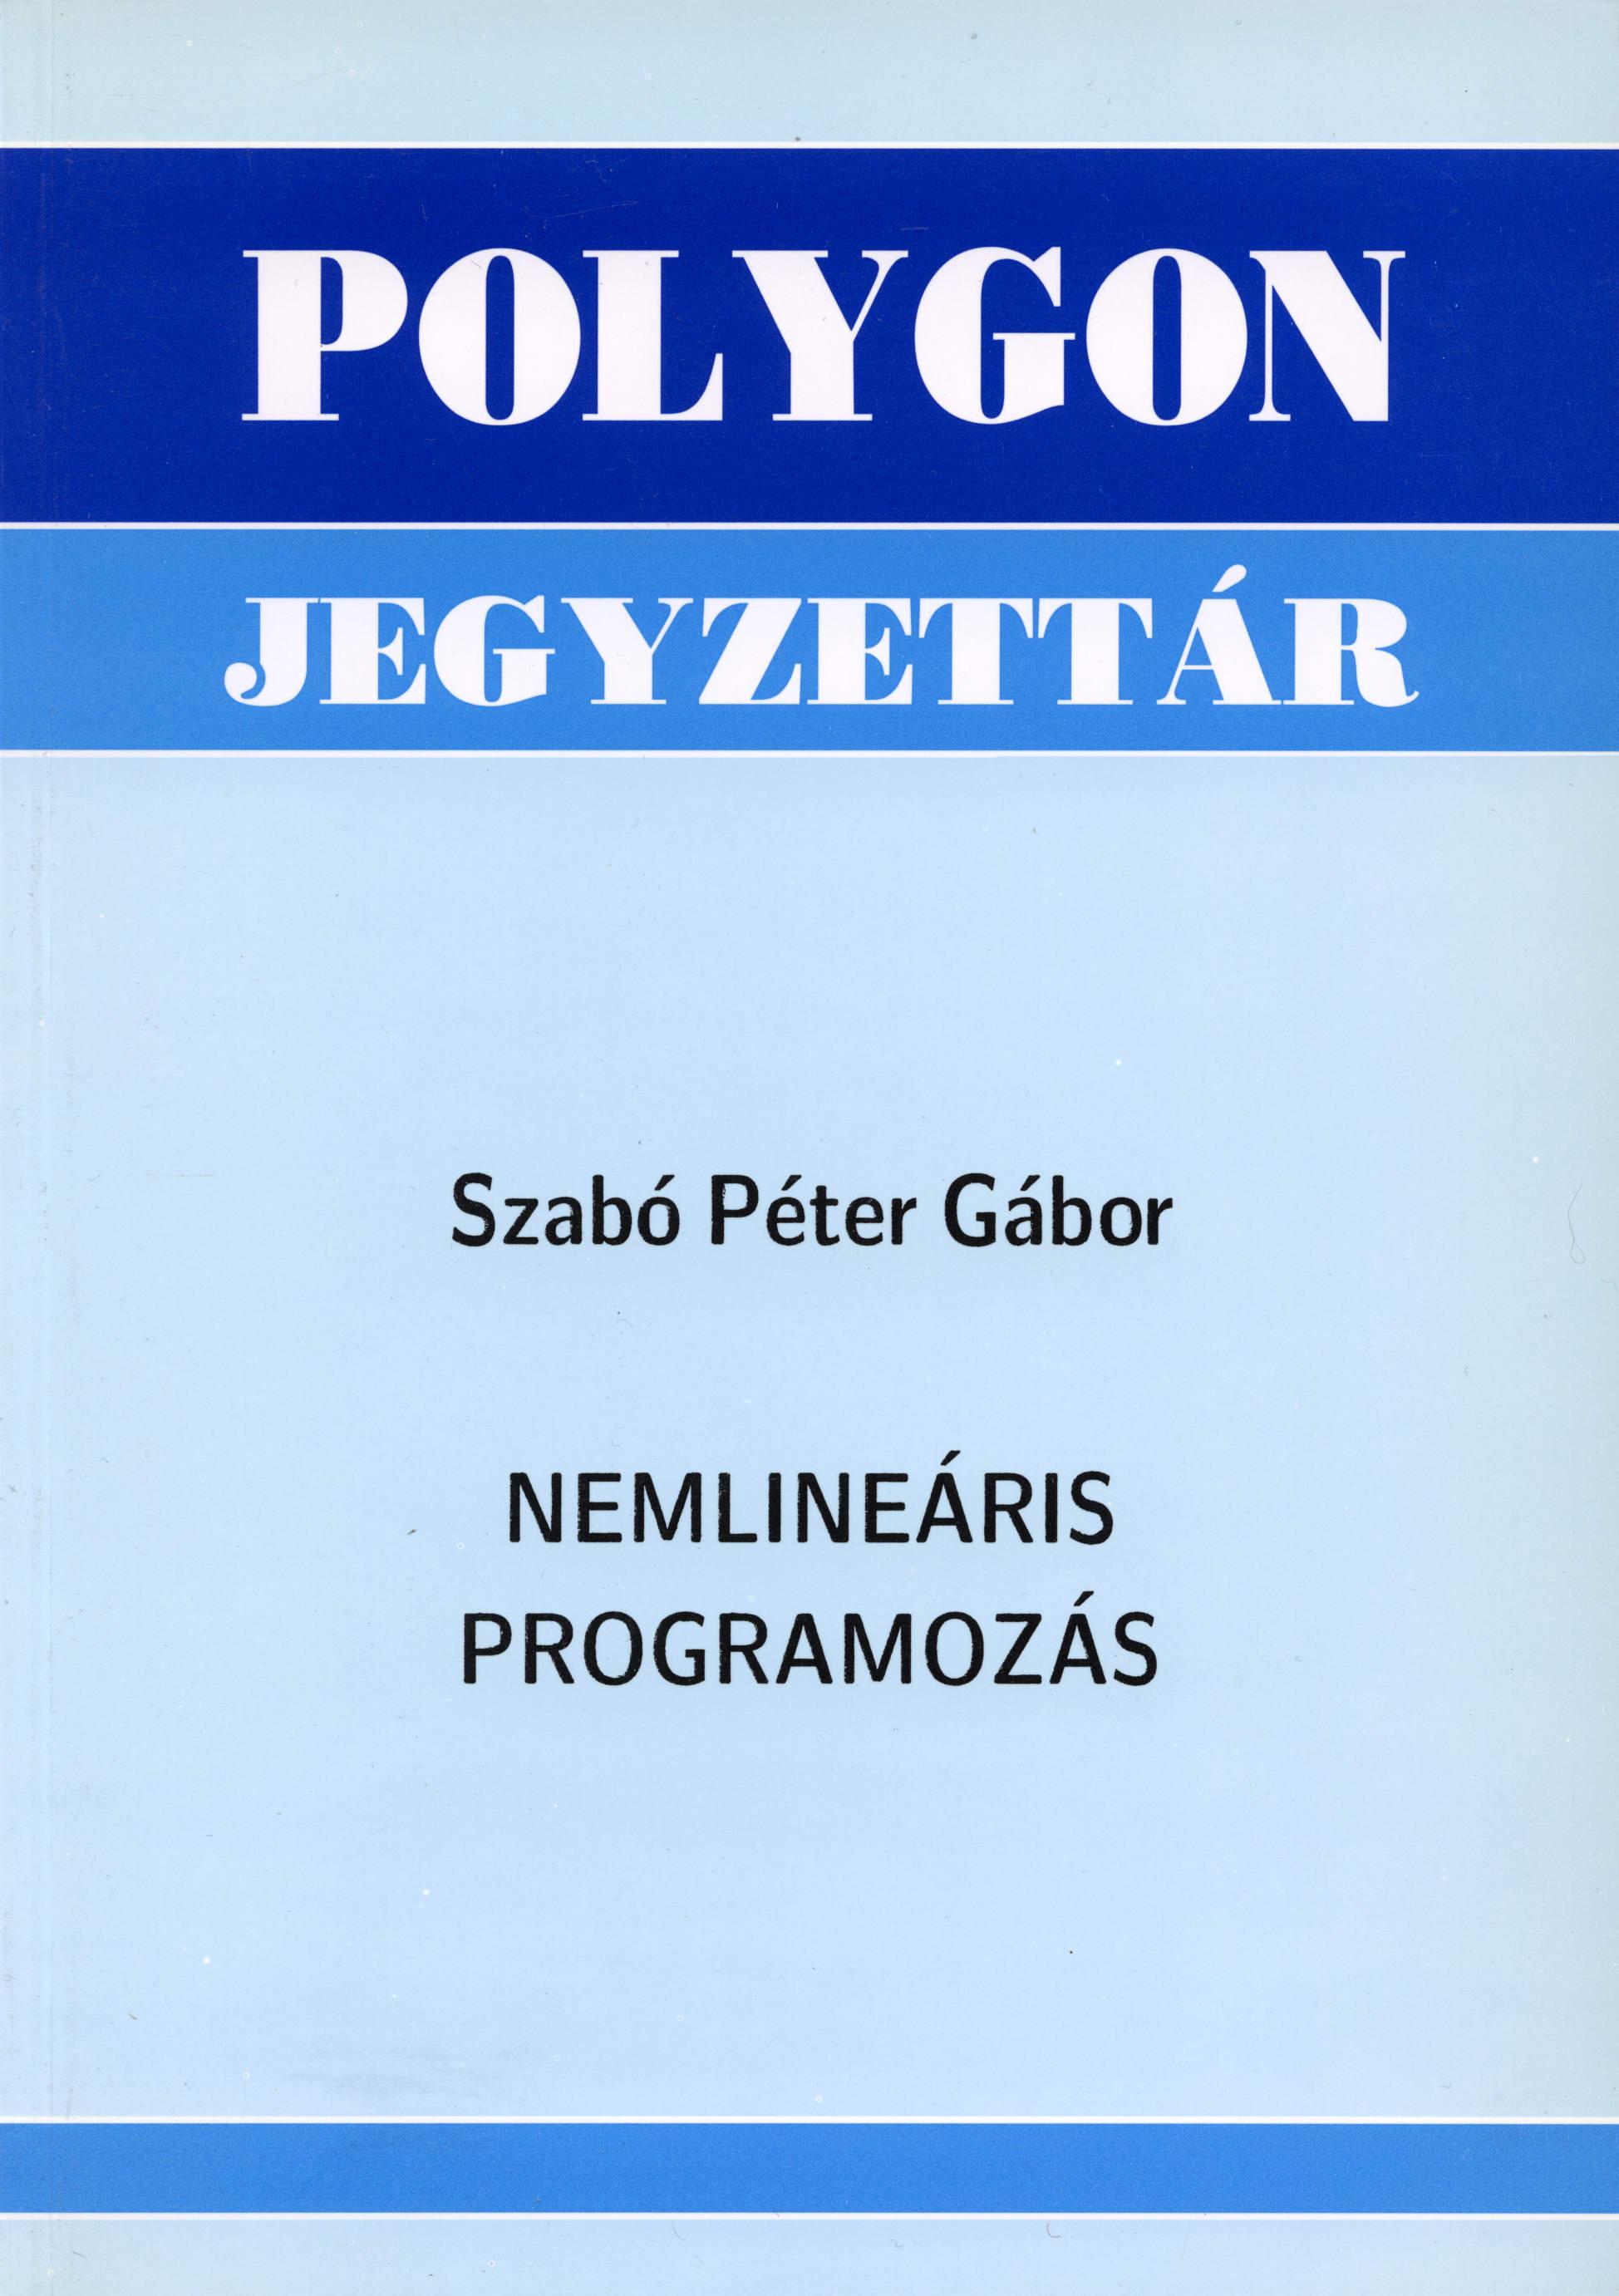 Nemlineáris programozás - Polygon jegyzet